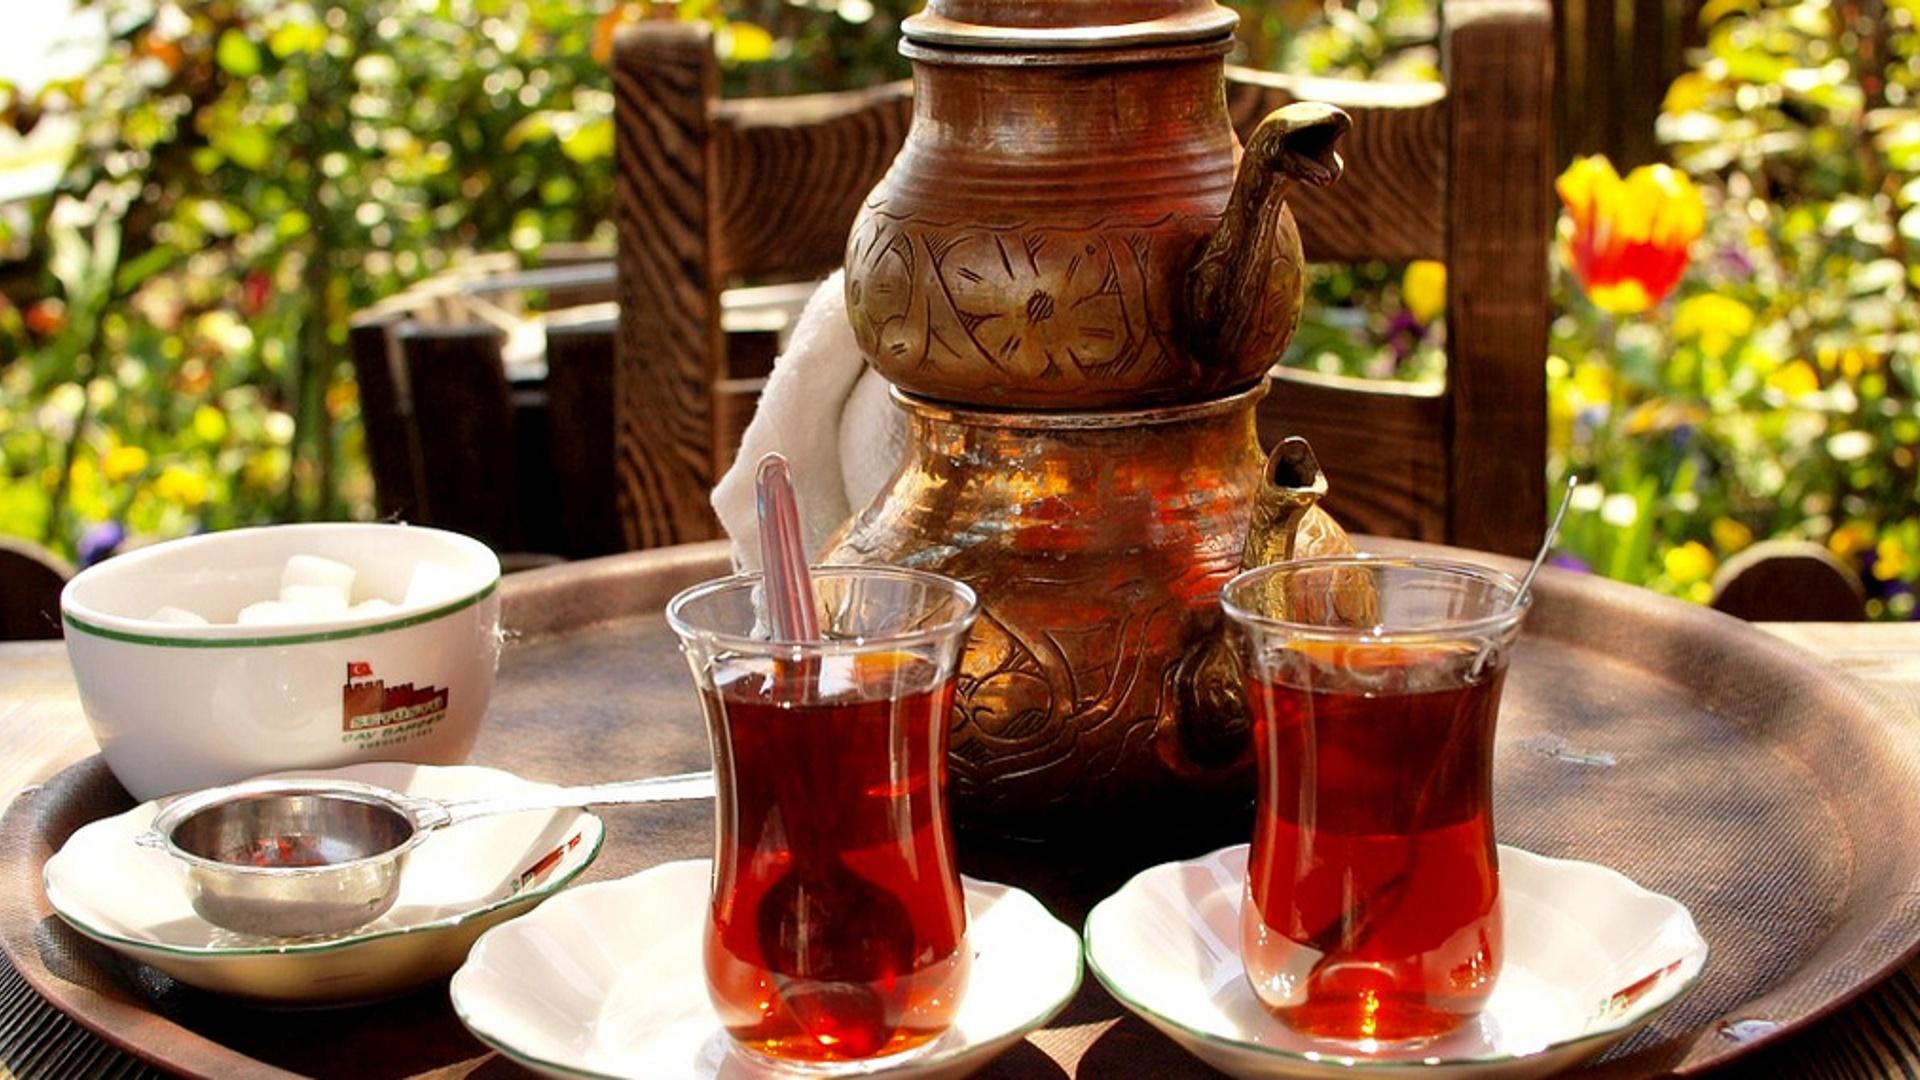 Çay içmək yaddaşa müsbət təsir edir